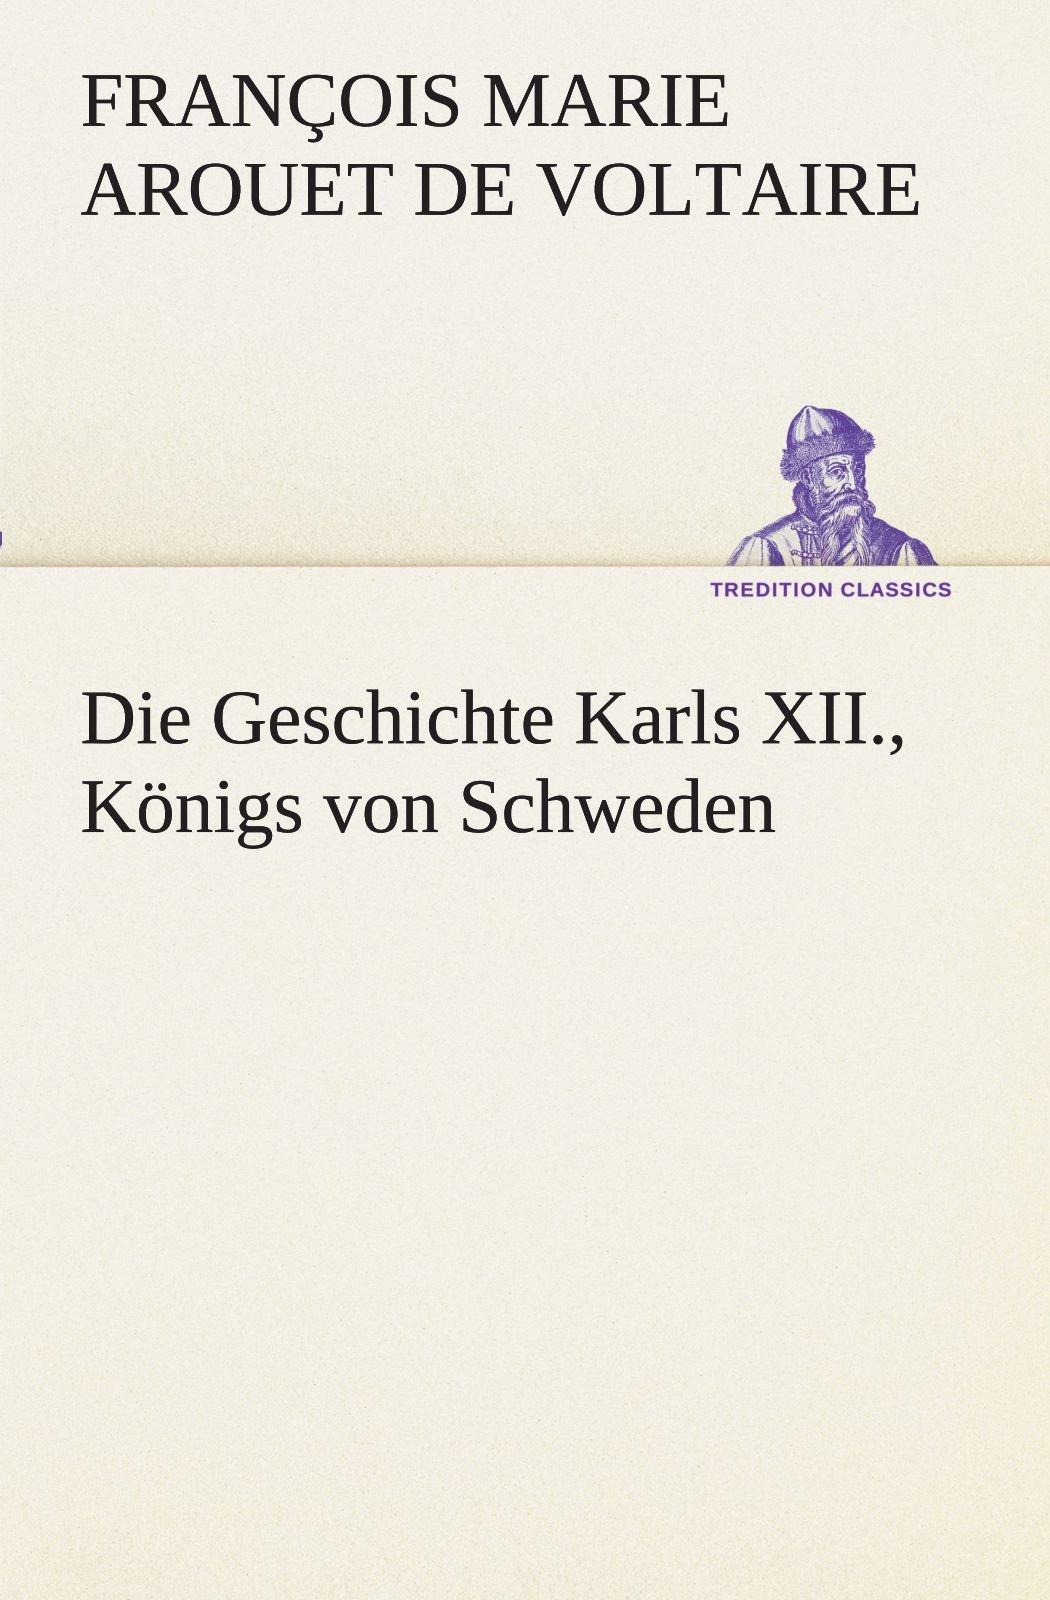 die-geschichte-karls-xii-knigs-von-schweden-tredition-classics